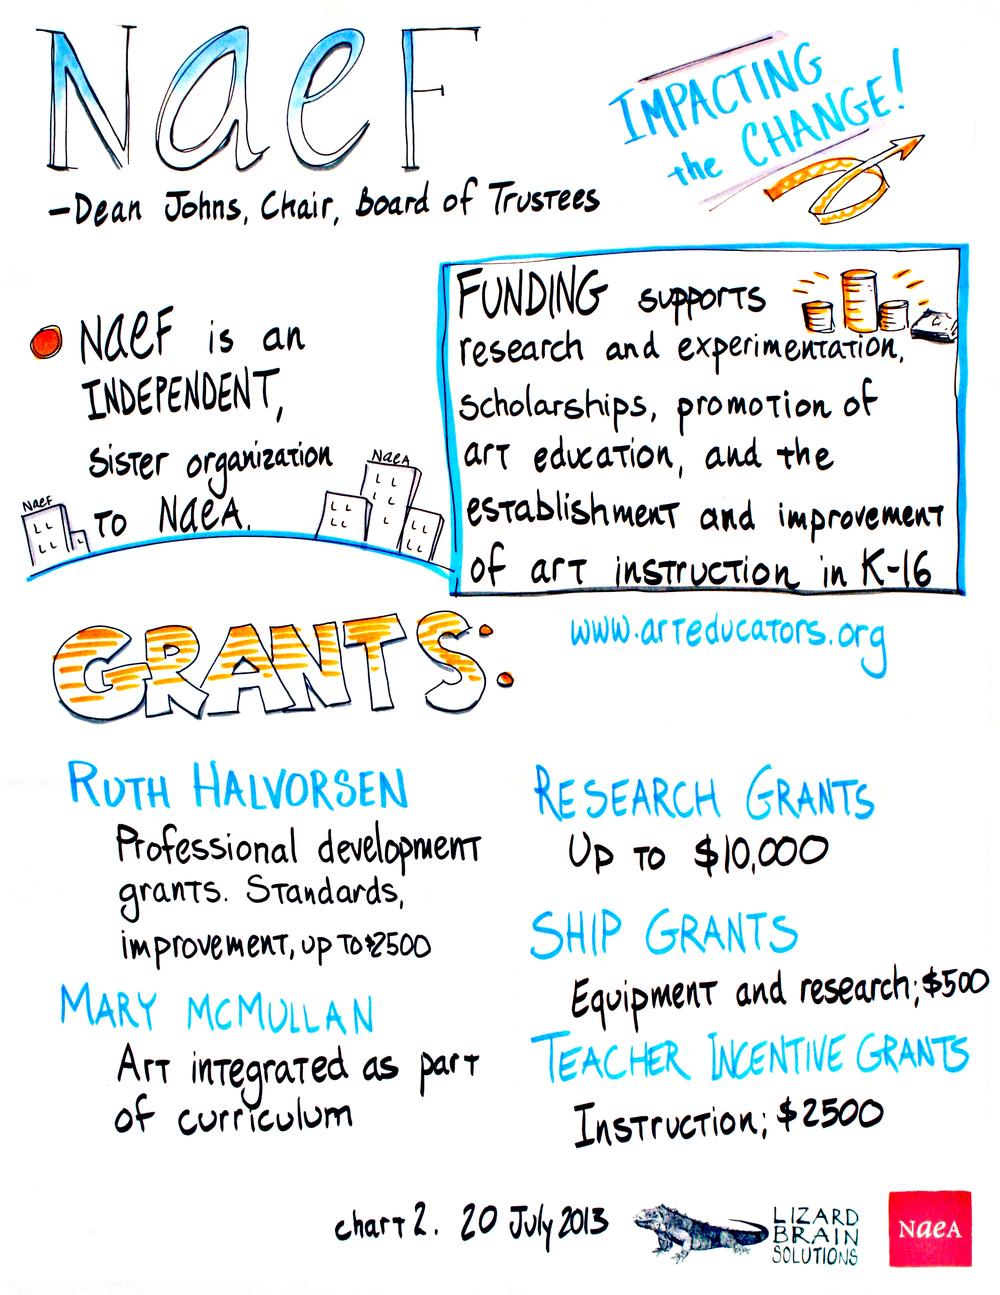 NAEA 20 July 2013 chart 2 NAEF.jpg